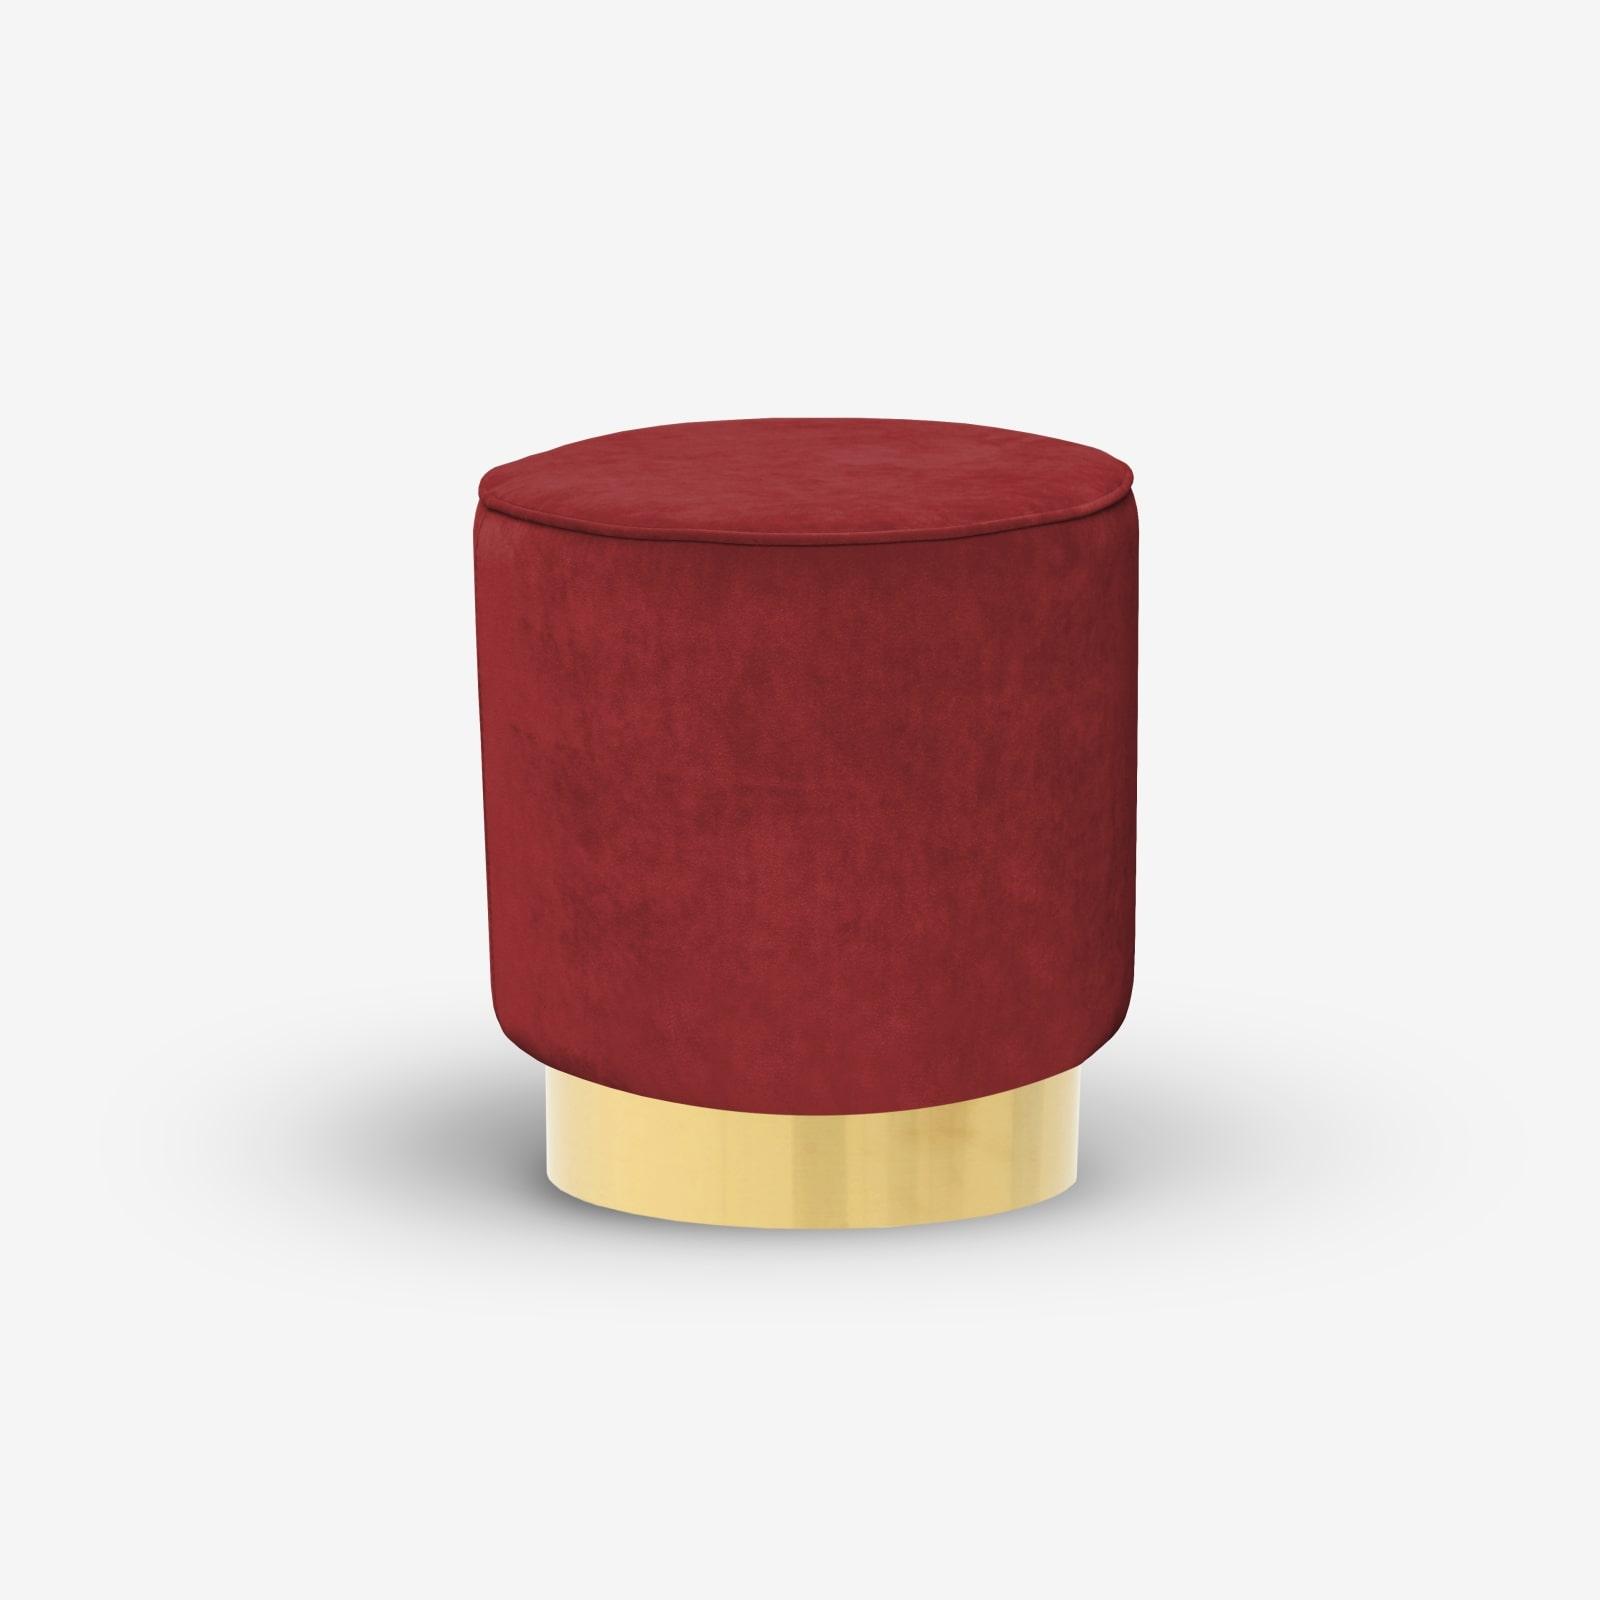 produzione-pouf-in-velluto-liscio-e-oro-pouf-in-metallo-oro-pouf-in-velluto-per-arredamento-contract-pouf-per-ristoranti-pouf-arredamento-bar-alberghi-negozi-uffici-OTTO-rol